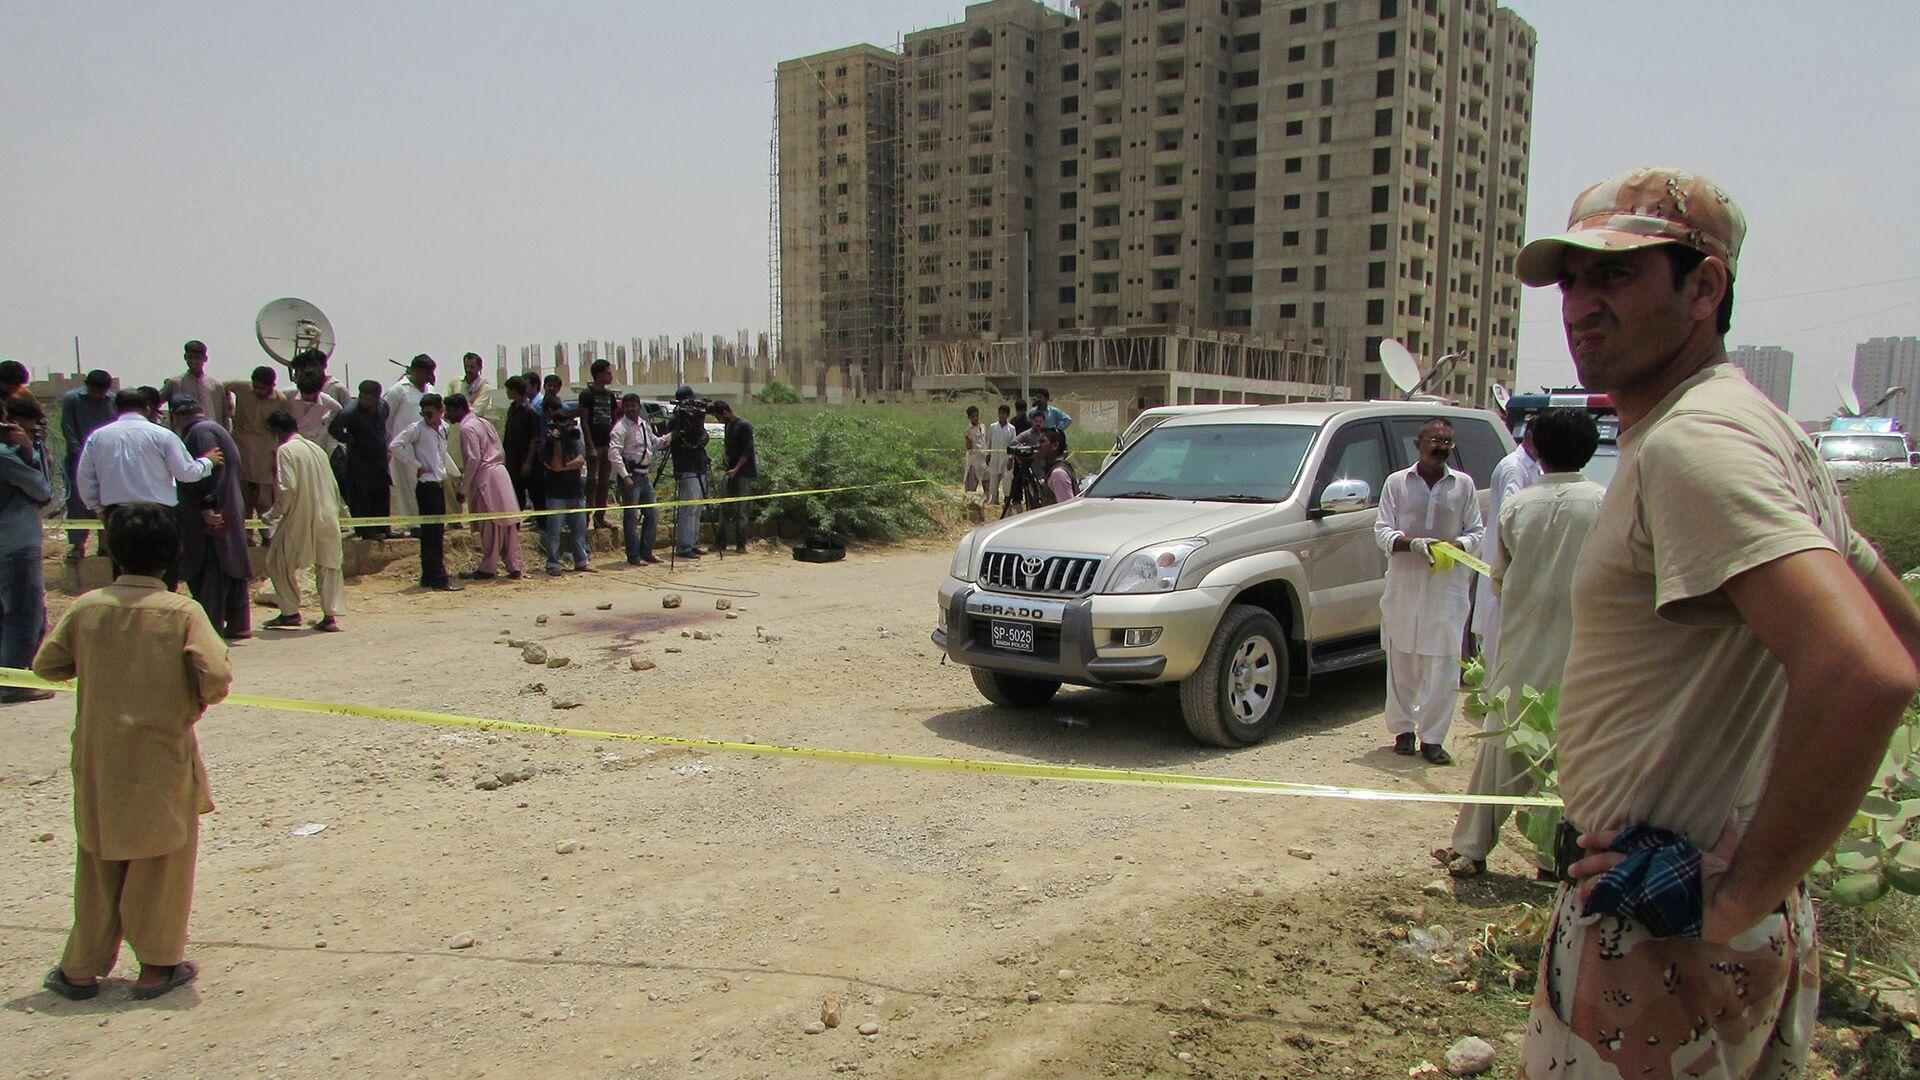 1064234617 0:91:2000:1216 1920x0 80 0 0 49eb931e90173748291cfc1d59d024bb - При аварии в Пакистане погибли 13 человек, сообщило СМИ